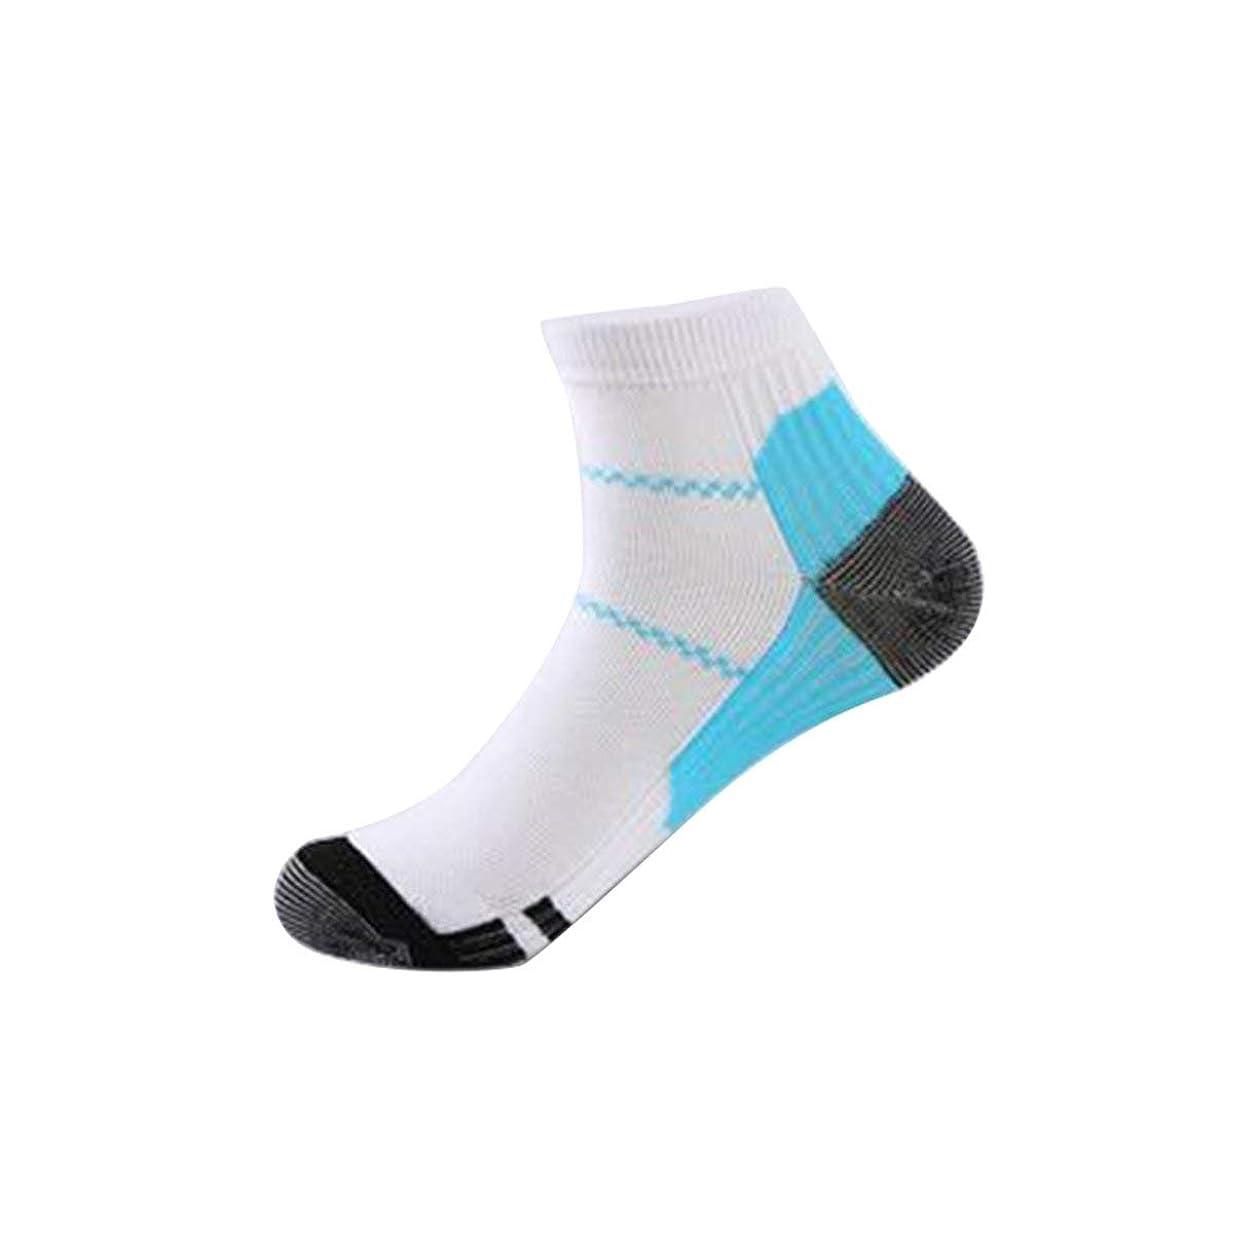 日焼け固体効果的丈夫な男性女性プロの圧縮靴下通気性のある旅行活動看護師用シントスプリントフライトトラベル - 肌色